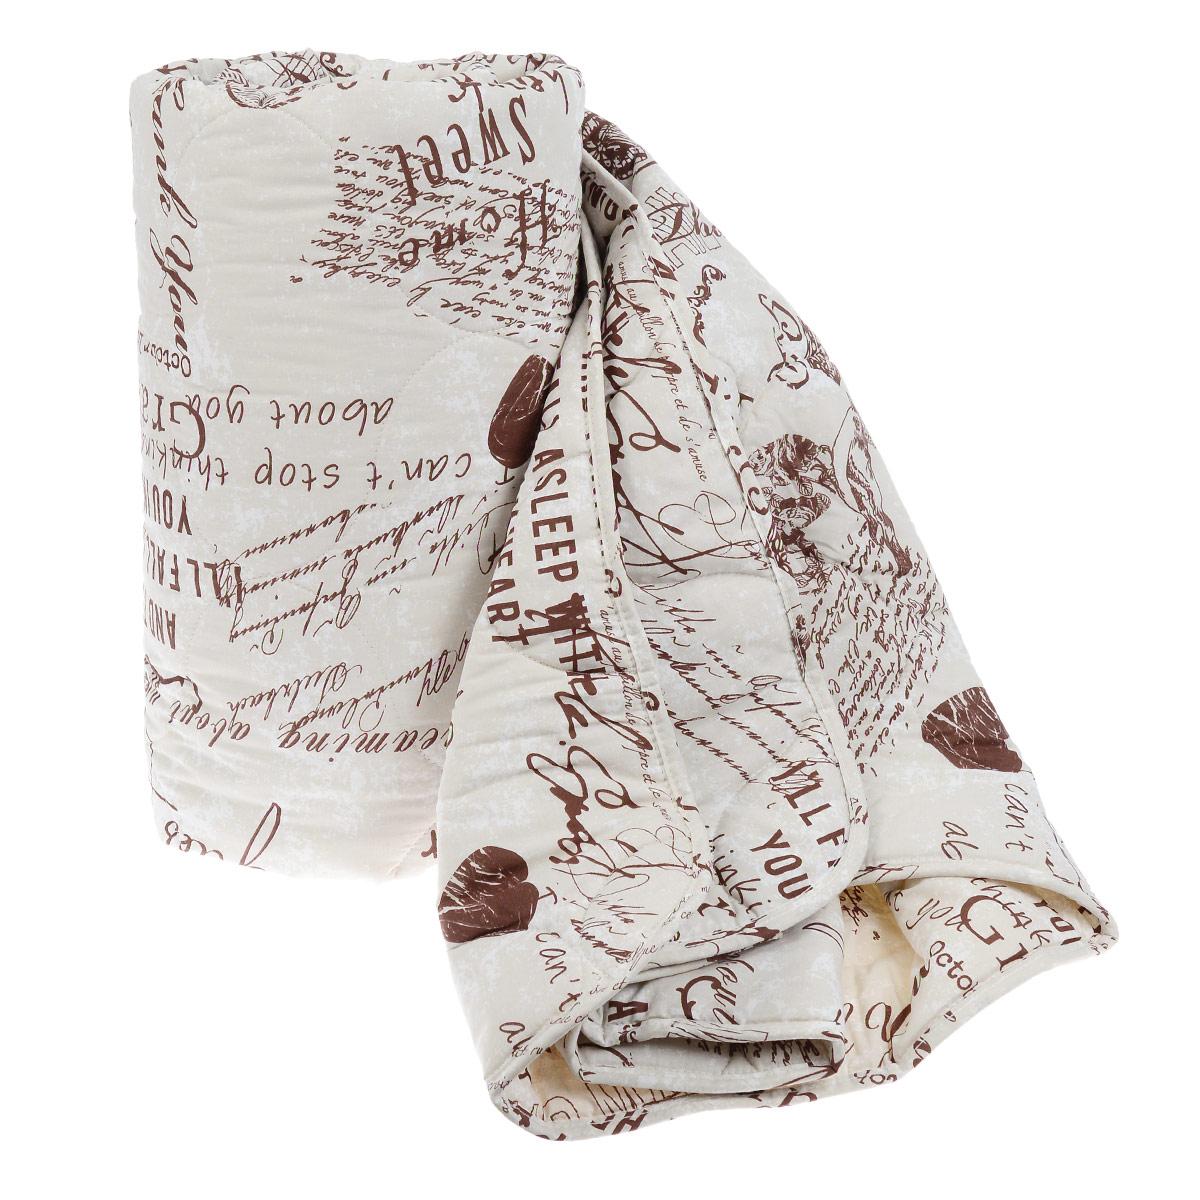 Одеяло Comfort Line, наполнитель: шерсть мериноса, 200 см х 220 см183680Классическое одеяло Comfort Lineподарит вам незабываемое чувство комфорта иумиротворения. Чехол выполнен из натурального хлопка. Внутри - наполнитель из мериносовойшерсти. Одеяло постоянно поддерживает нужную температуру: оно греет зимой и дает прохладулетом. Одеяло Comfort Line помогает просыпаться бодрыми и полными сил. Оноразработано специально для активных людей, заботящихся о своём здоровье, проводящих многовремени у компьютера. Изделия из мериносовой шерсти великолепно стимулируеткровообращение, помогают людям, страдающим остеохондрозом, ревматизмом, бронхиальныминедугами.Одеяло упаковано в пластиковую сумку-чехол, закрывающуюся на застежку-молнию.Рекомендации по уходу:- Нельзя стирать в стиральной машине.- Не отбеливать.- Не гладить.- Нельзя выжимать и сушить в стиральной машине. - Чистка с использованием углеводорода и трифло-трихлорметана.Материал чехла: 100% хлопок.Наполнитель: меринос (шерсть 70%, полиэстер 30%).Размер: 200 см х 220 см. Плотность: 300 г/м2.